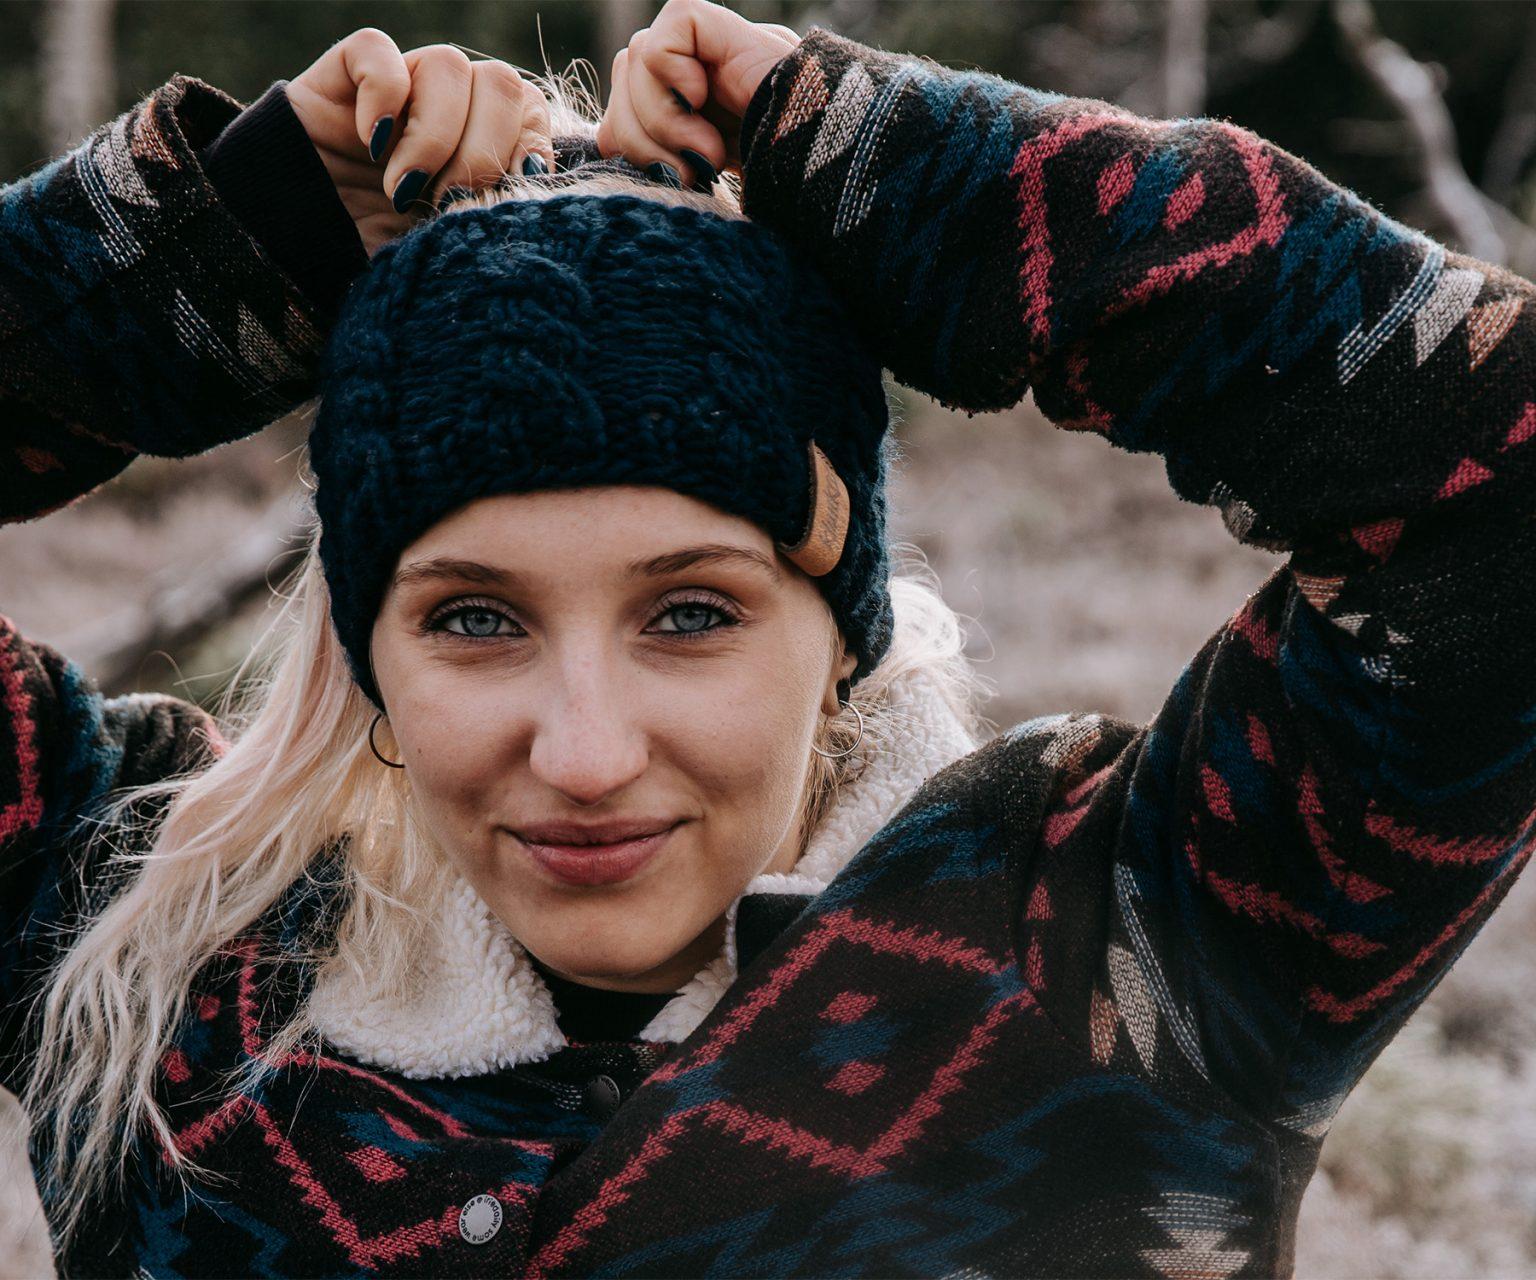 Stirnband aus reiner Merino Schurwolle in der Farbe Dunkles Petrolblau. Gefertigt von Klunkar im Bregenzerwald. Foto von Pia Pia Pia Berchtold.